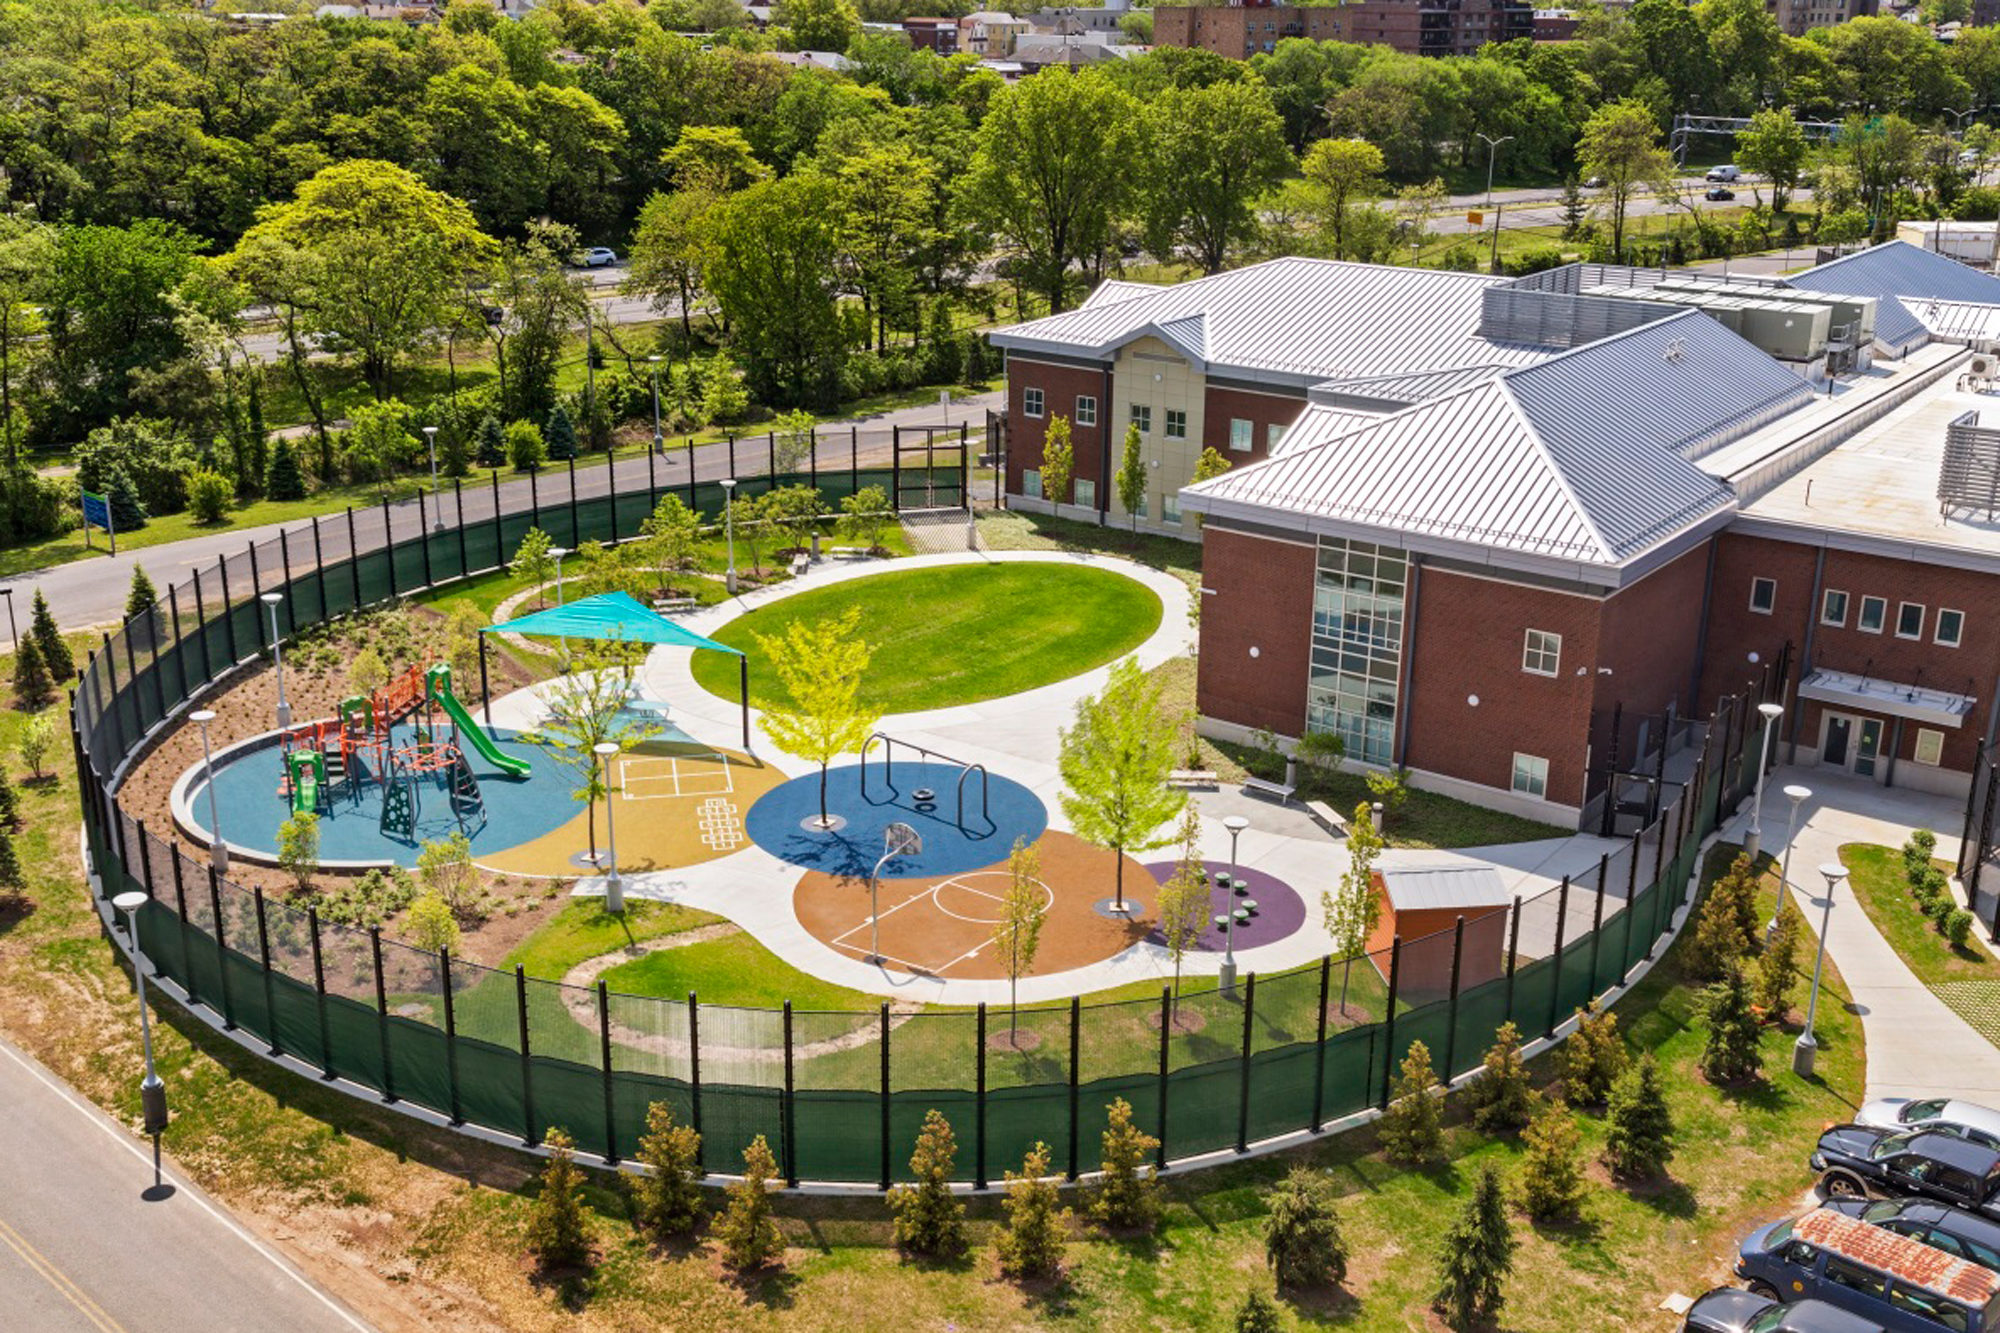 Bronx Playground - Behavioral Health Architecture & Planning